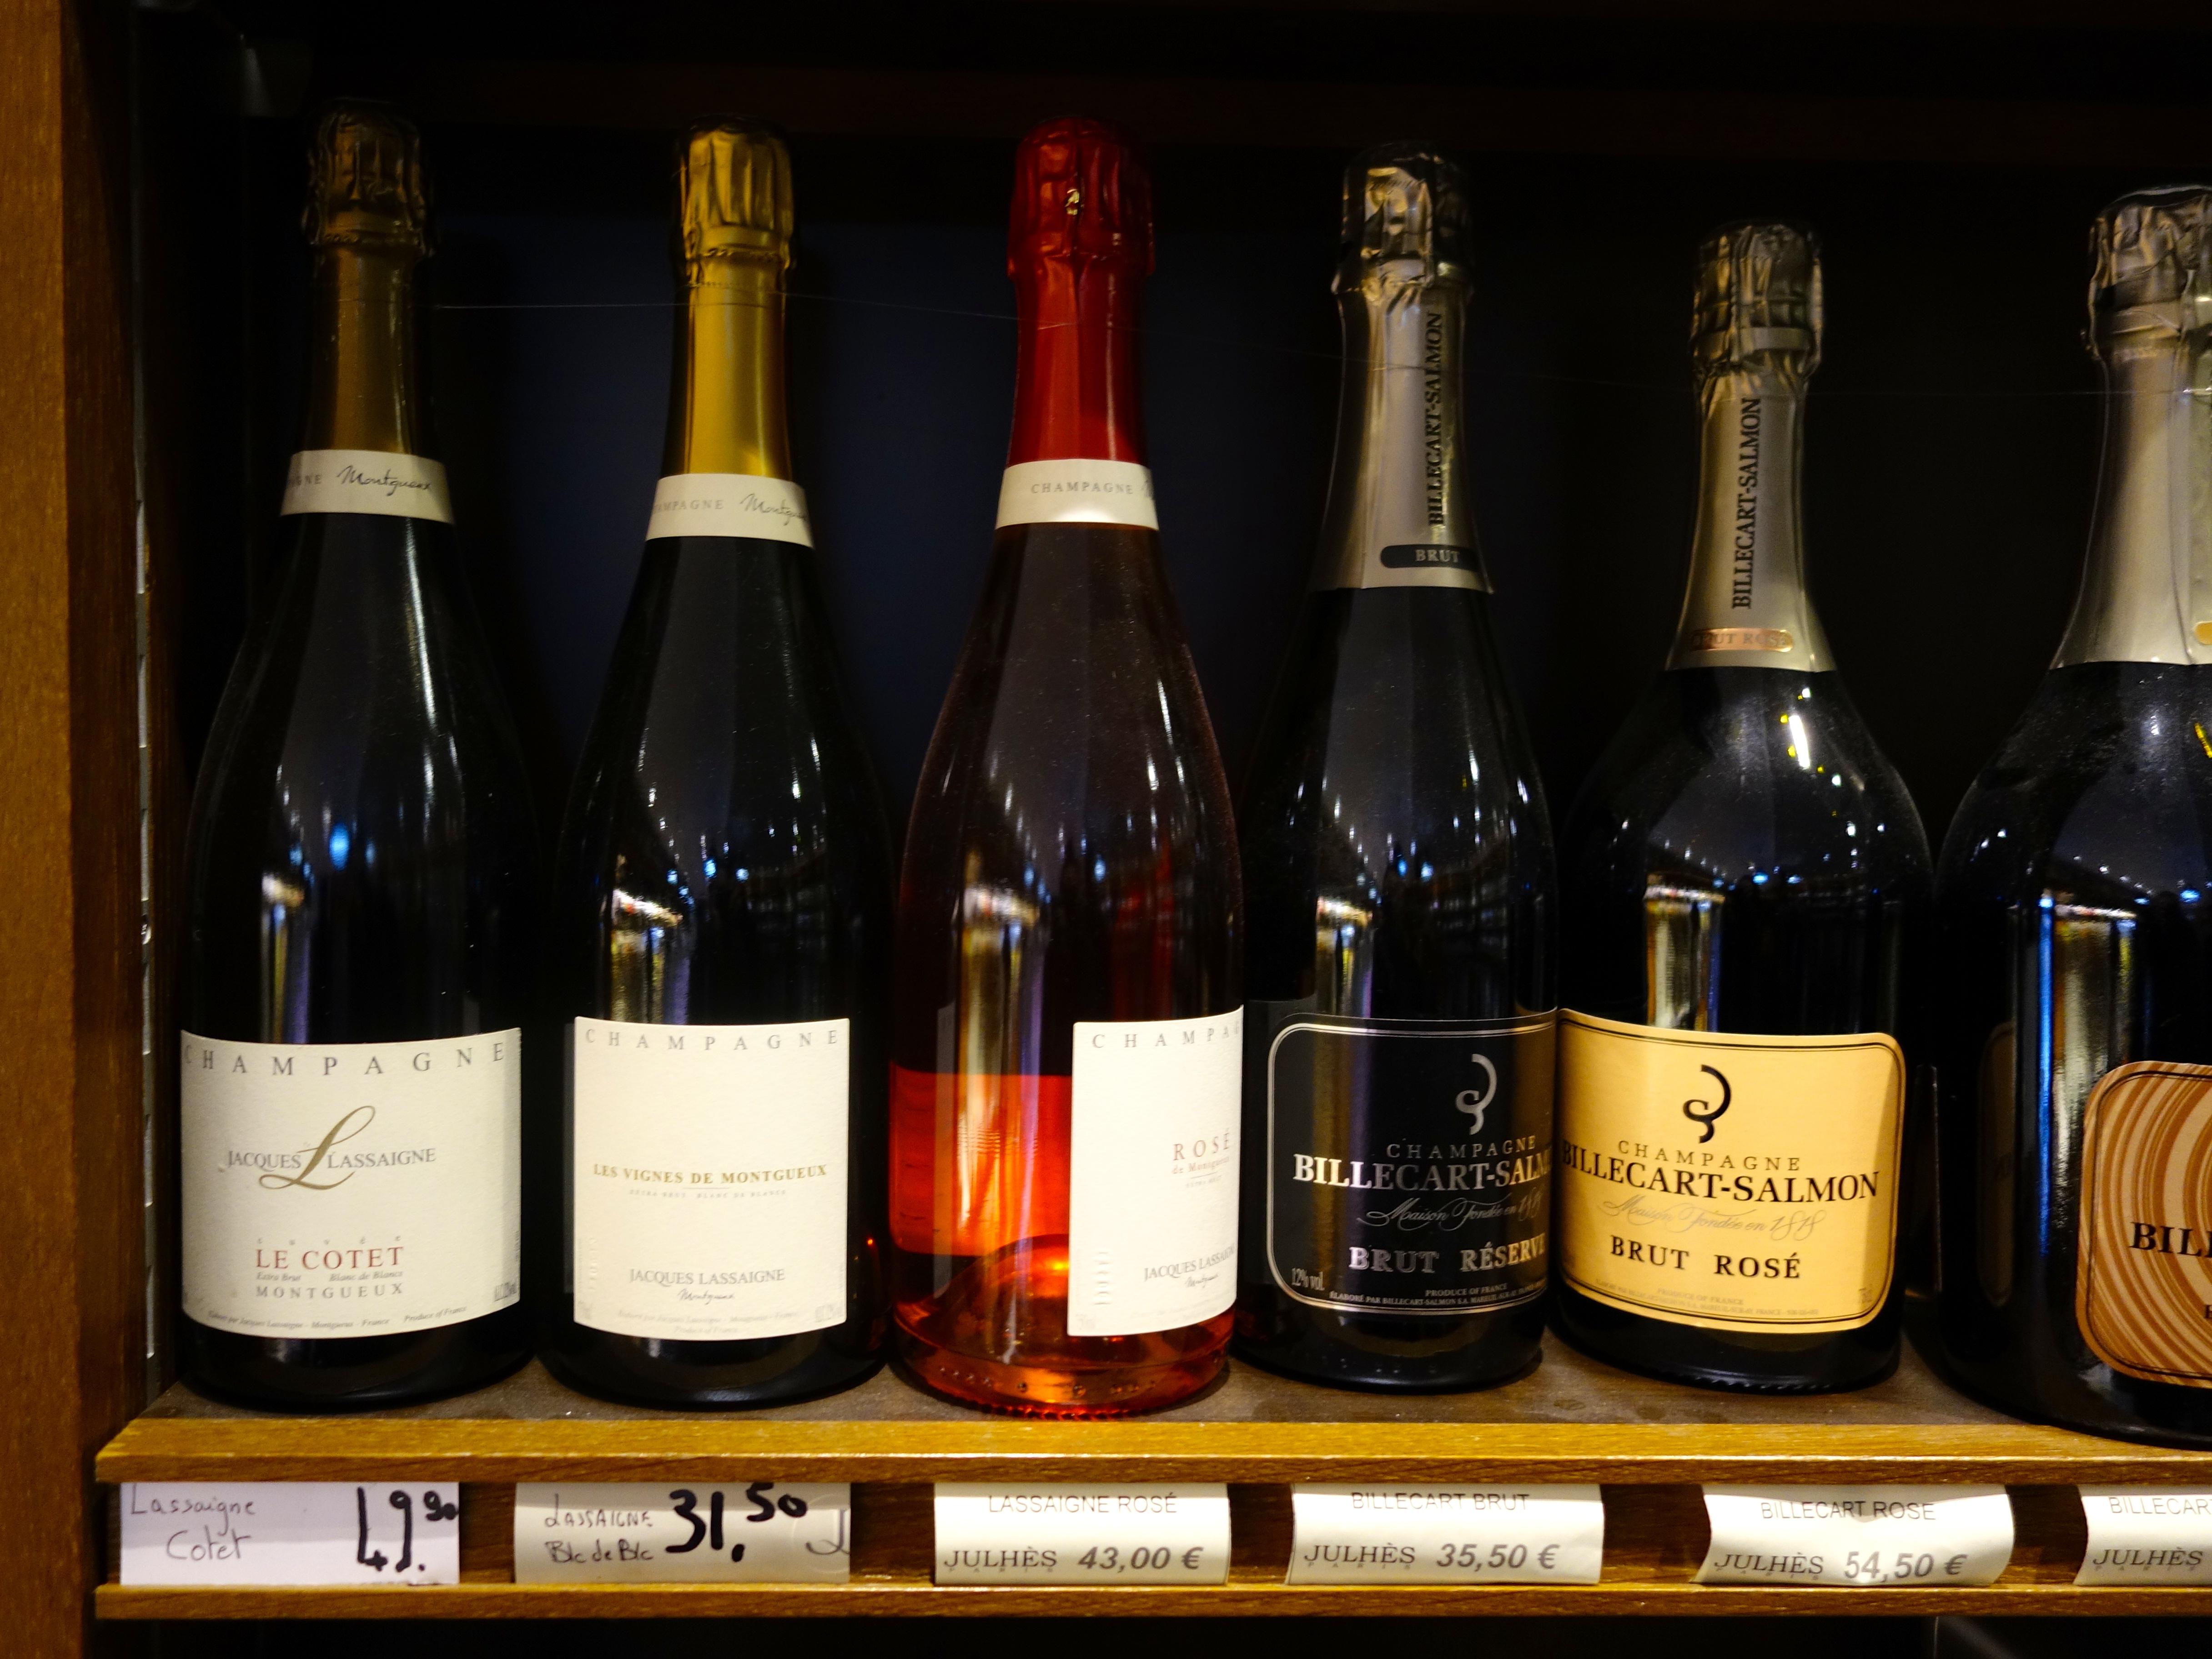 bulk champagne bottles for sale